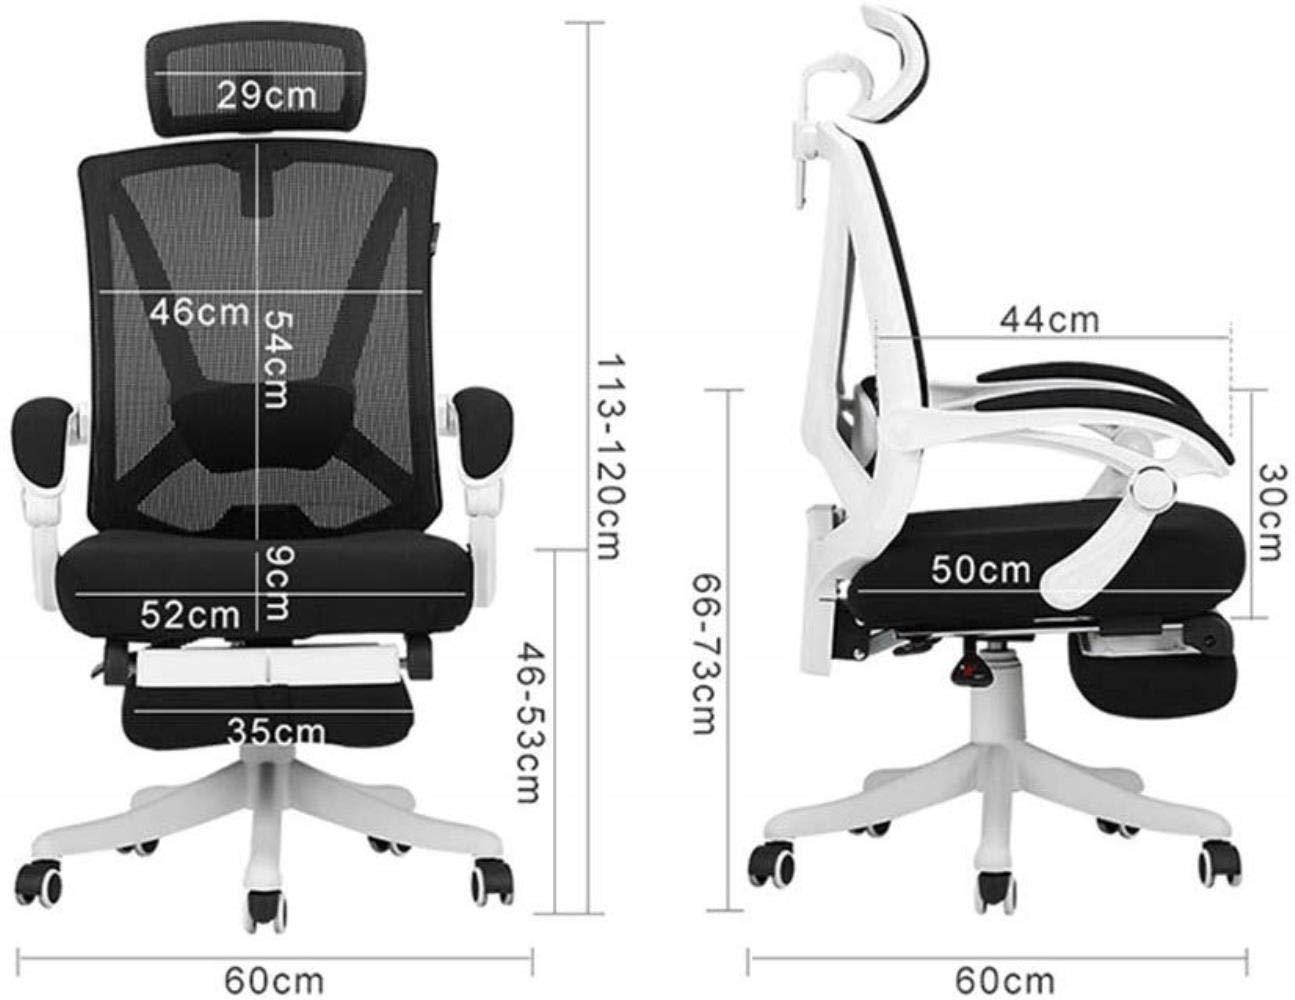 Barstolar Xiuyun kontorsstol spelstol svängbar stol, ergonomisk stol datorstol hem nätstol – med fotstöd (färg: Svart – med fotstöd) Black - No Foot Support